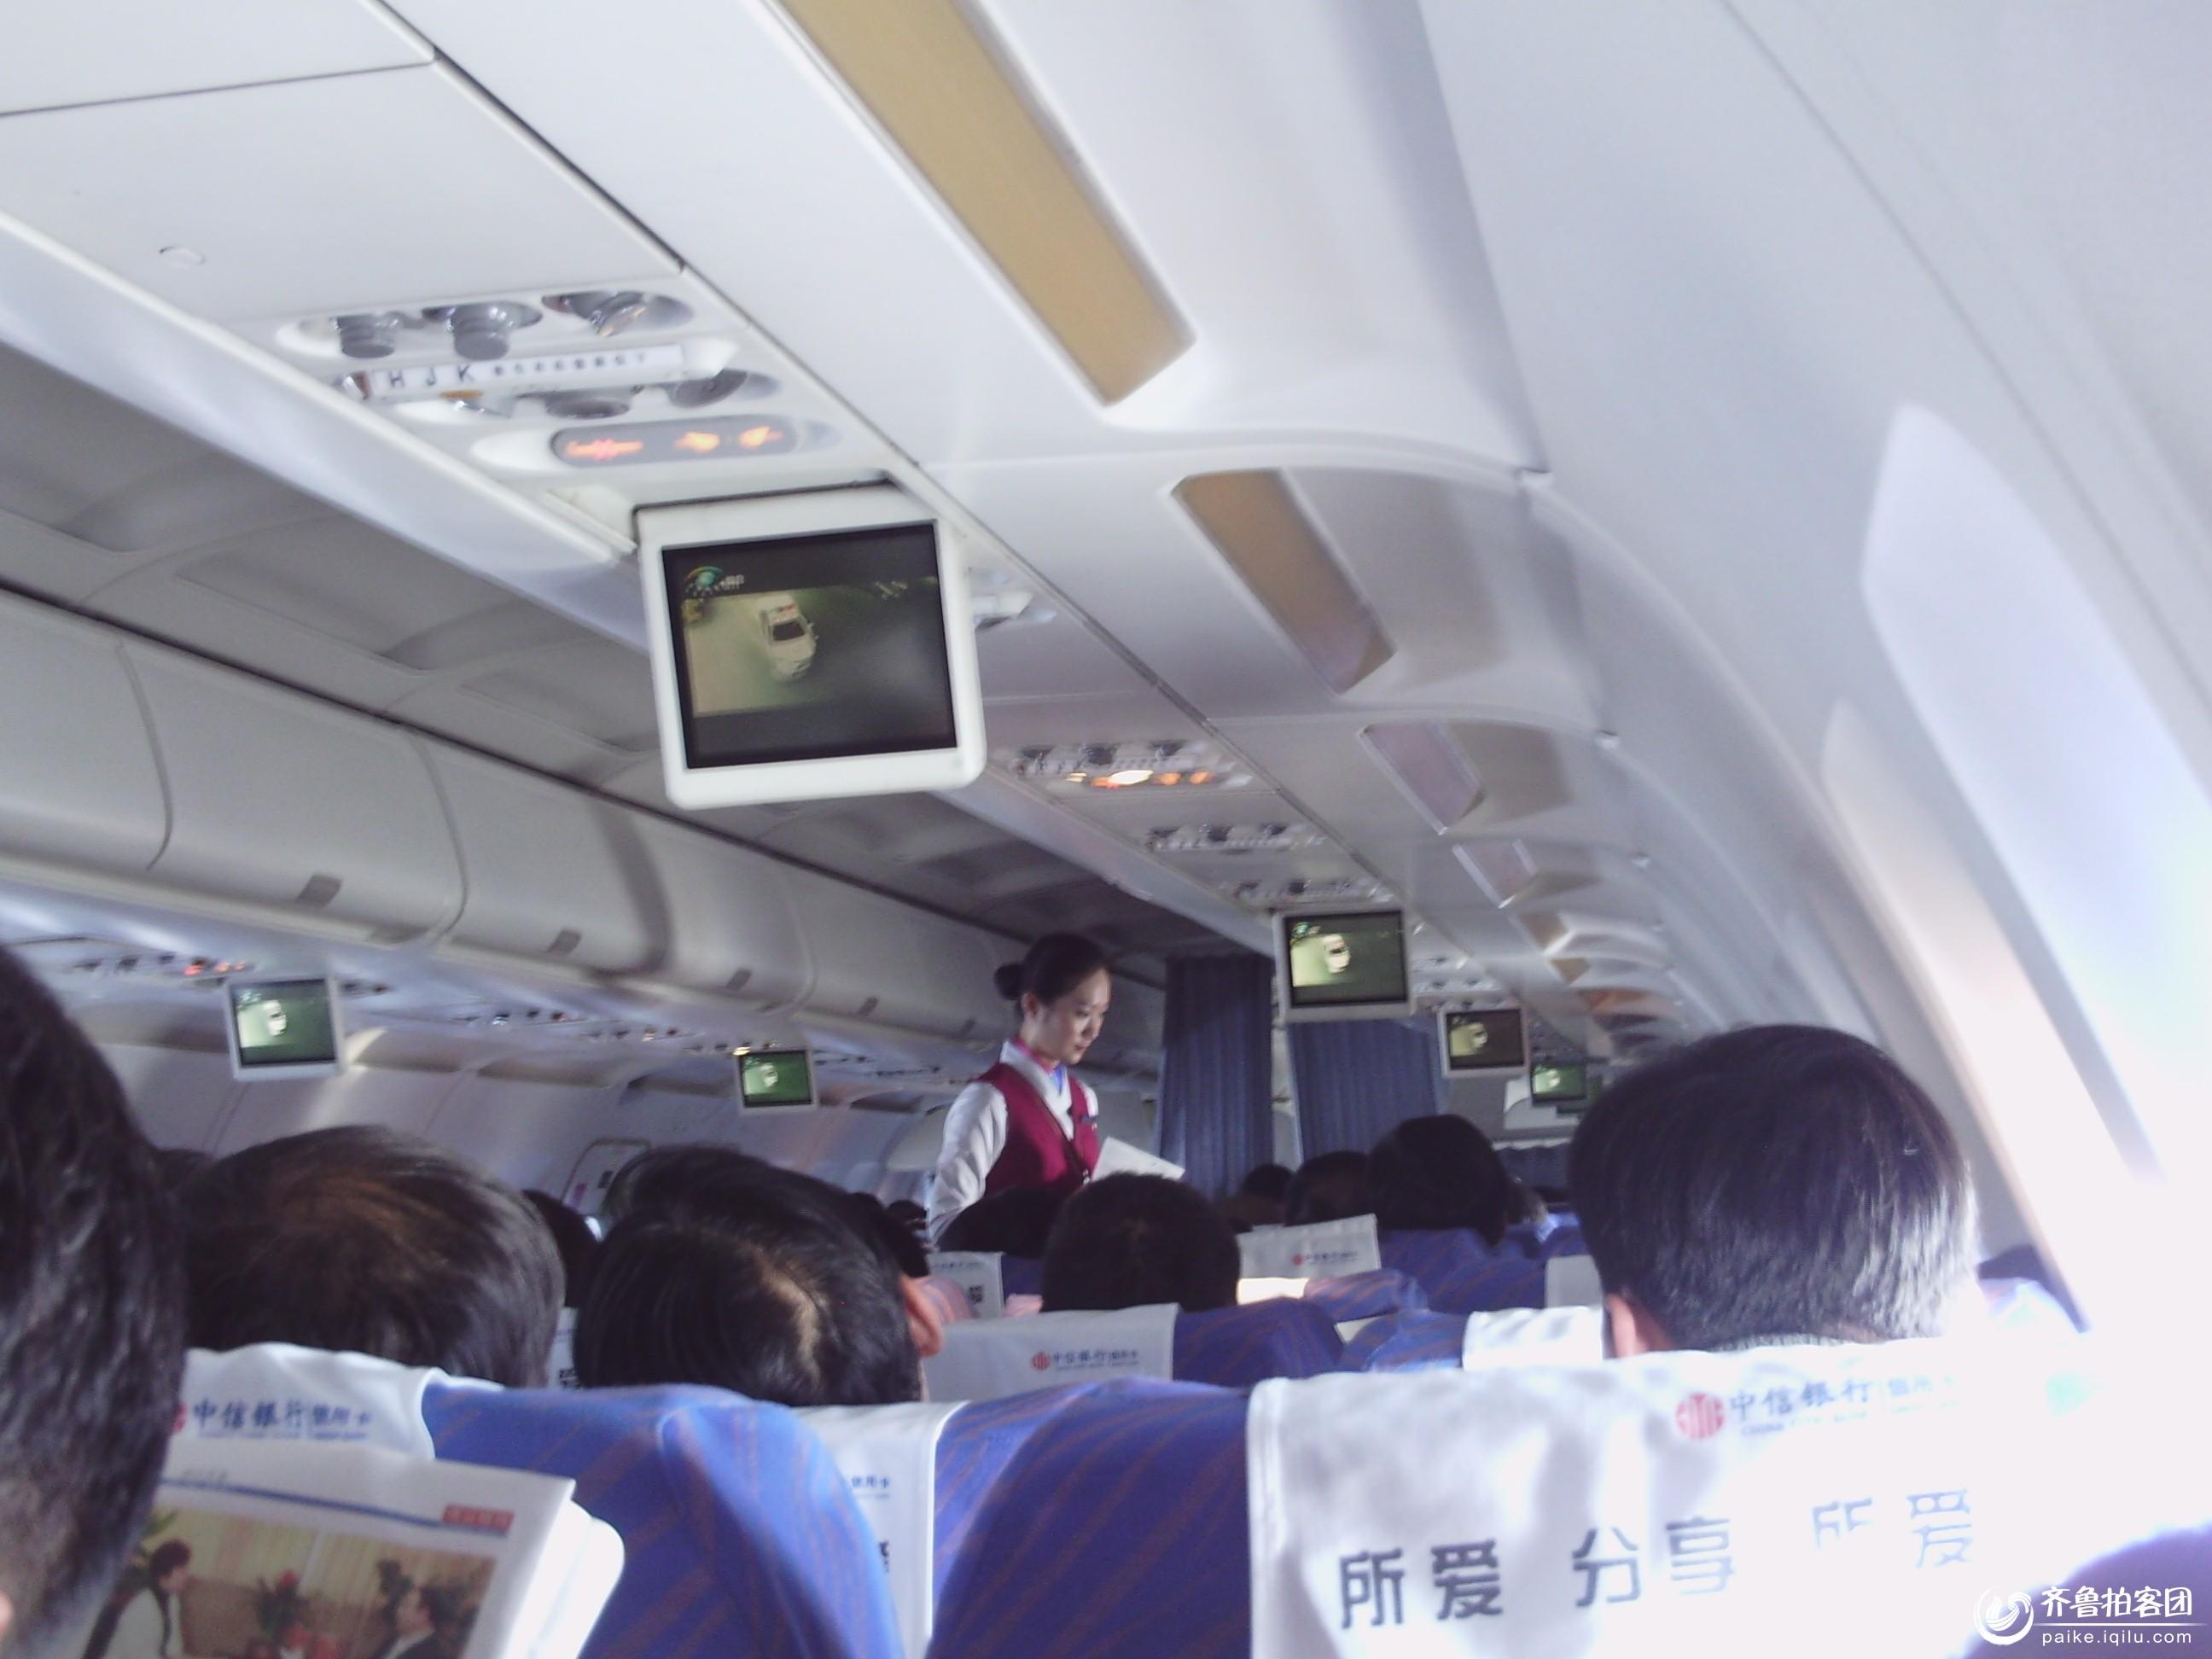 自兰州去武汉的飞机上随拍